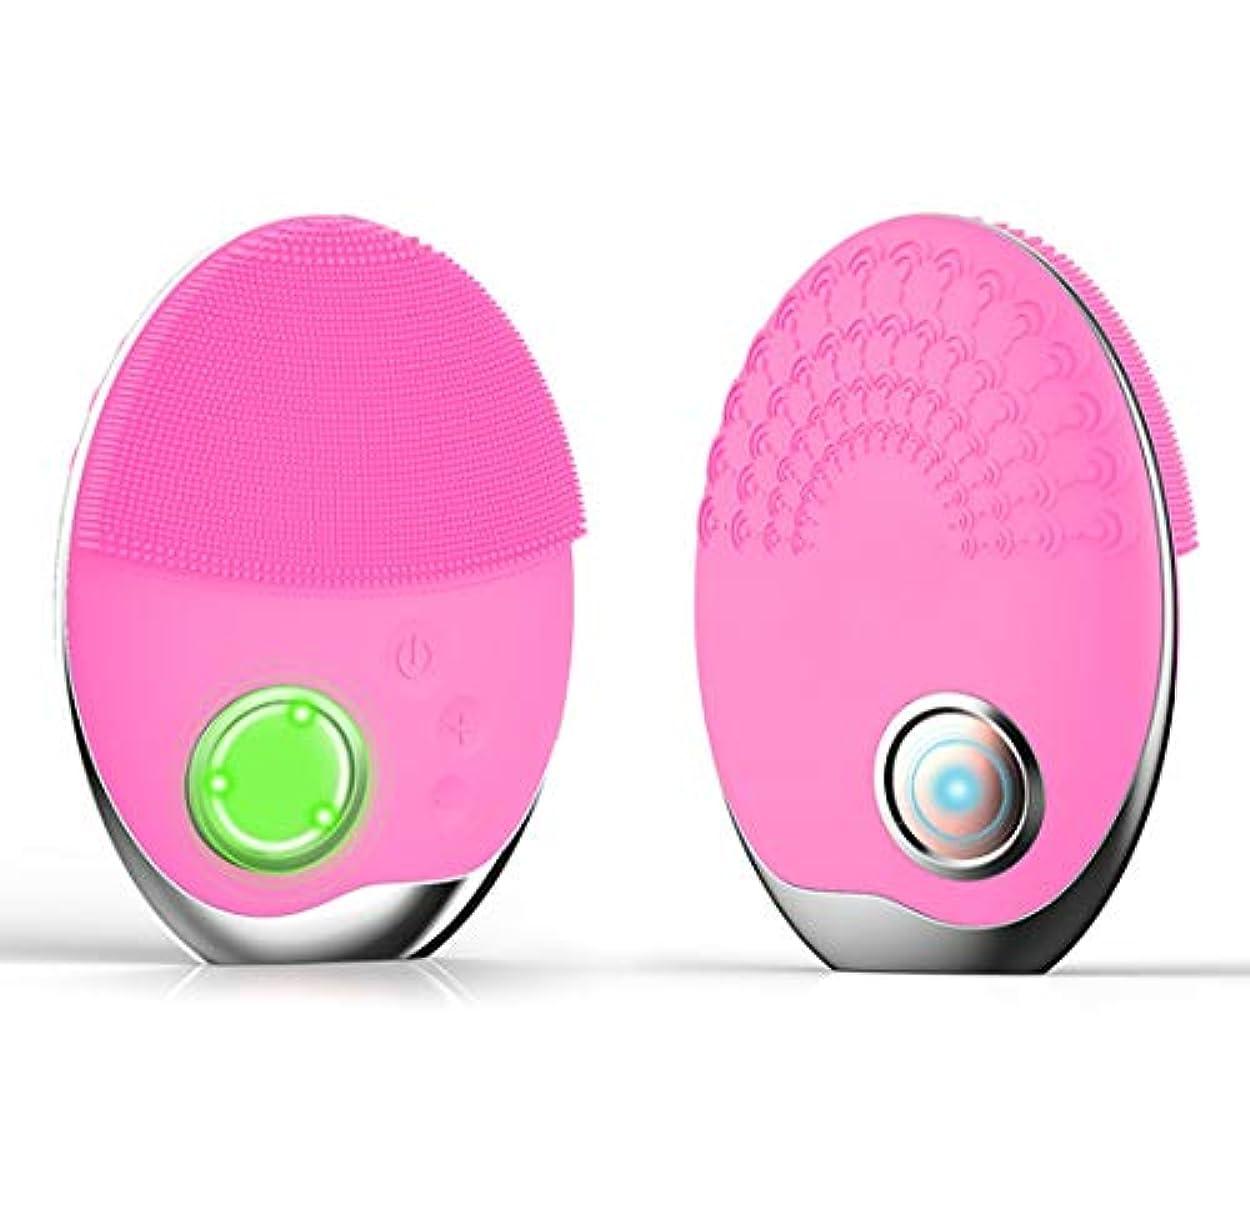 ワーカージョグ厚い洗顔ブラシ フェイスブラシ 電動 音波洗顔 食品級シリコン洗顔器 IPX7防水 黒ずみ 汚れ落とし 美肌ライト ピンク